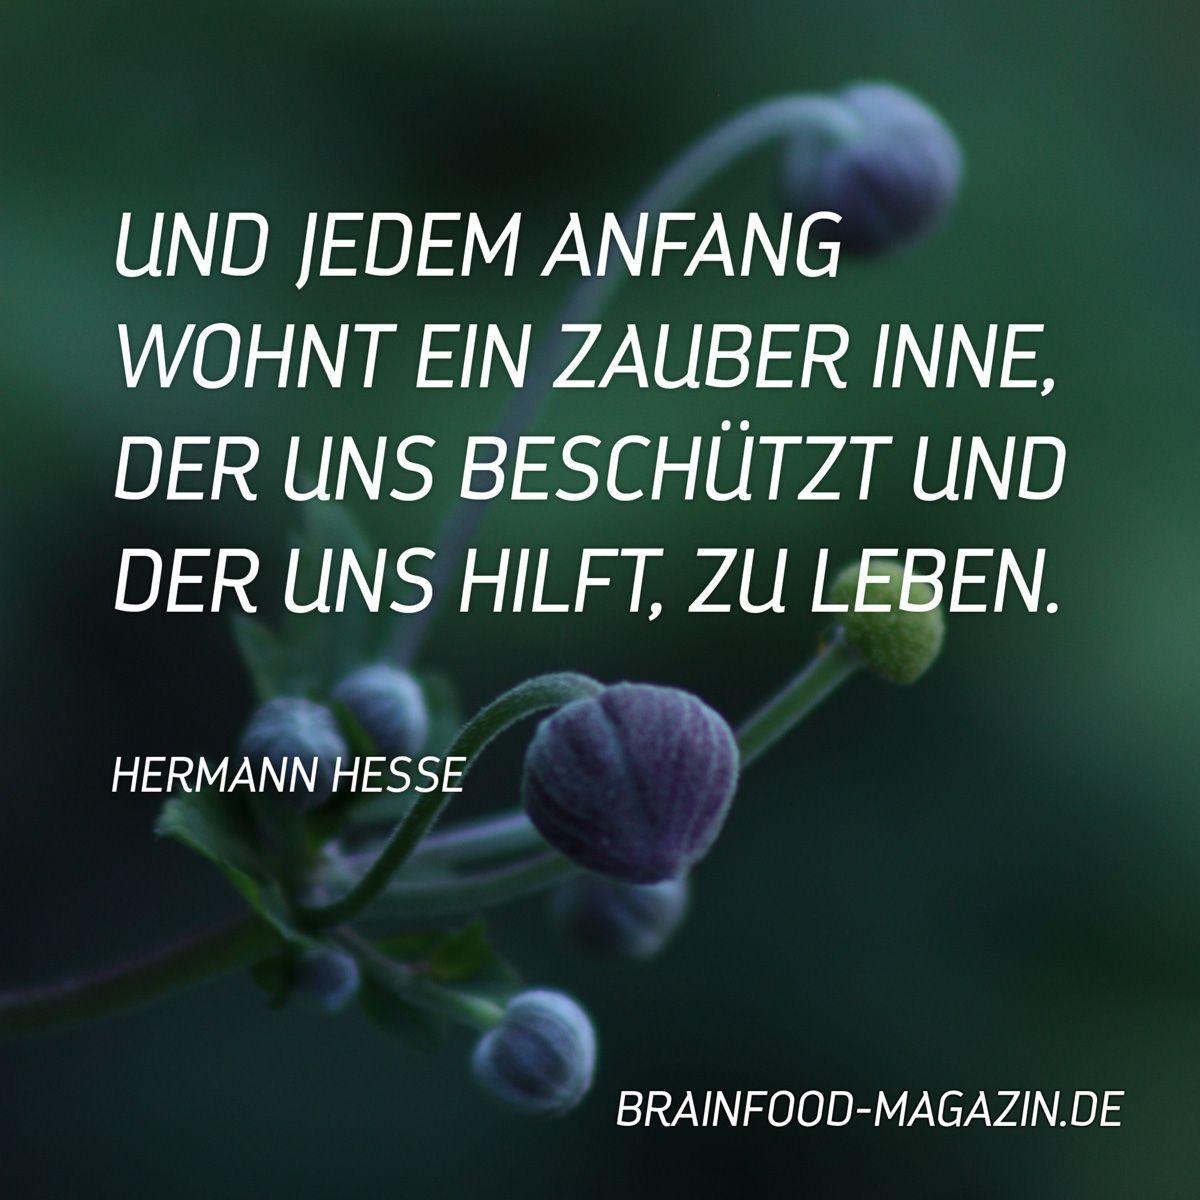 Hermann Hesse Aus Dem Buch Lebensstufen Lyrik Hesse Zitate Spruche Deutsch Hermannhesse Deutschelyrik German Neubeginn Veranderung